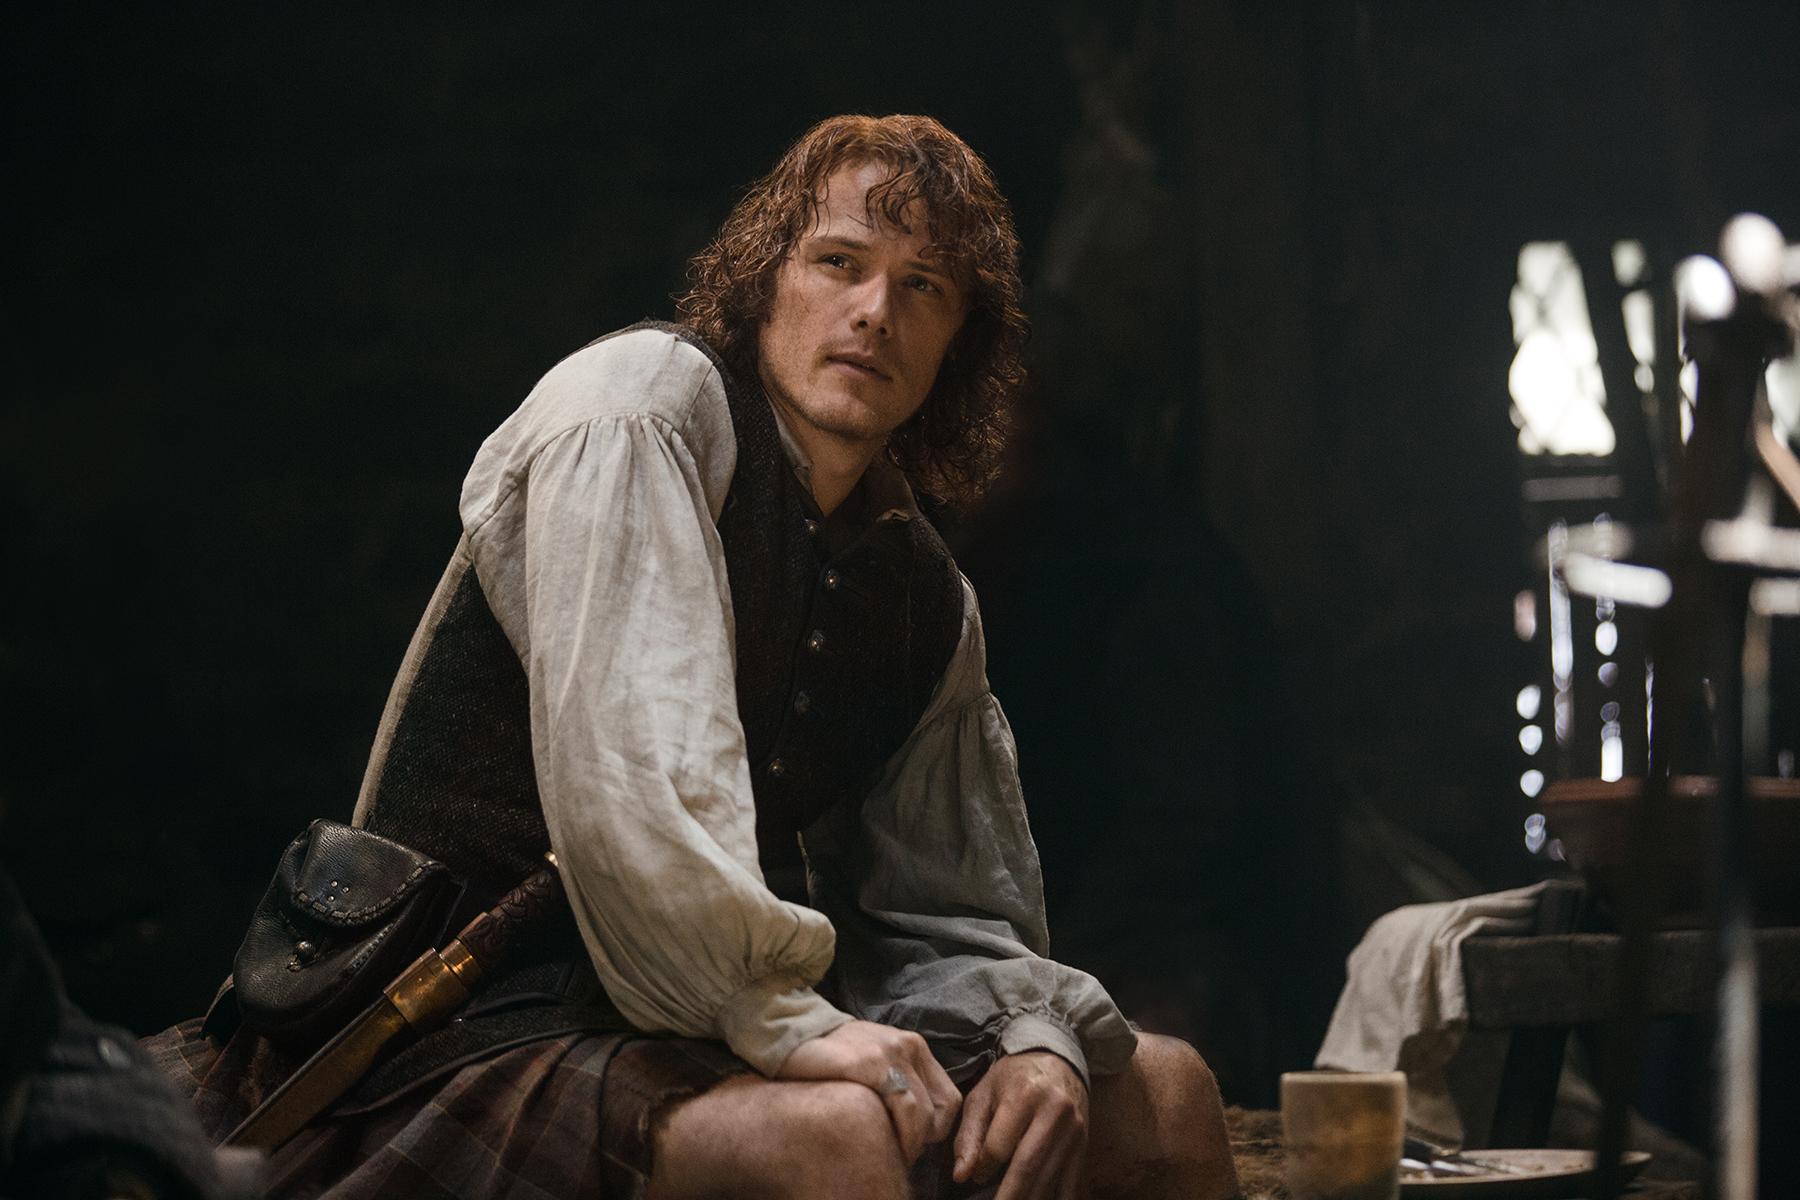 Outlander Series 2 Episode 3 Recap Outlander Recap Season 2 Episode